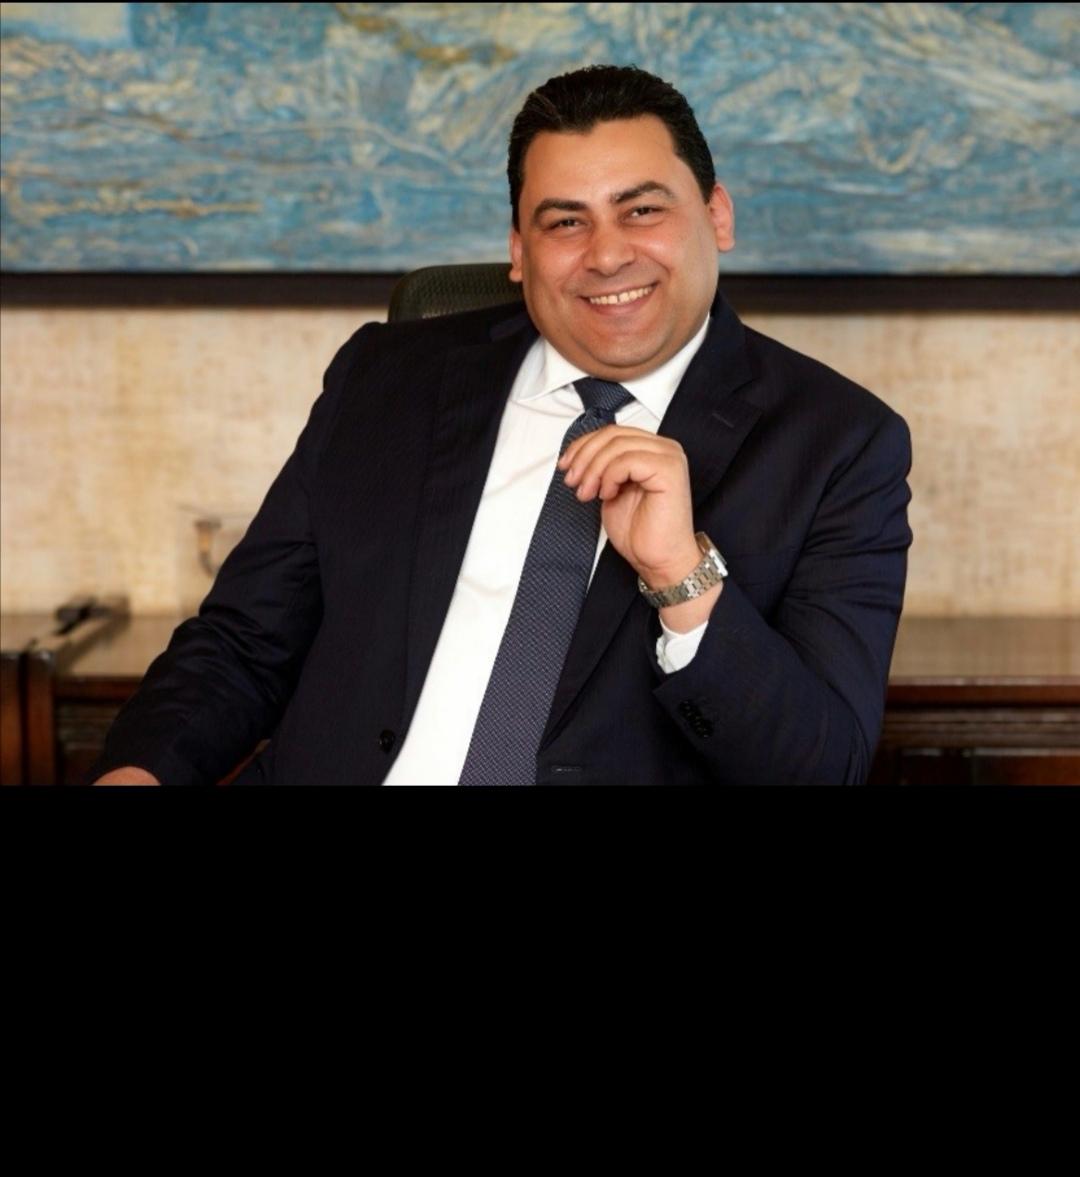 المصرية للاتصالات تعلن عن خطتها لإطلاق نظامها البحري الجديد HARP الذي يربط القارة الأفريقية بأوروبا